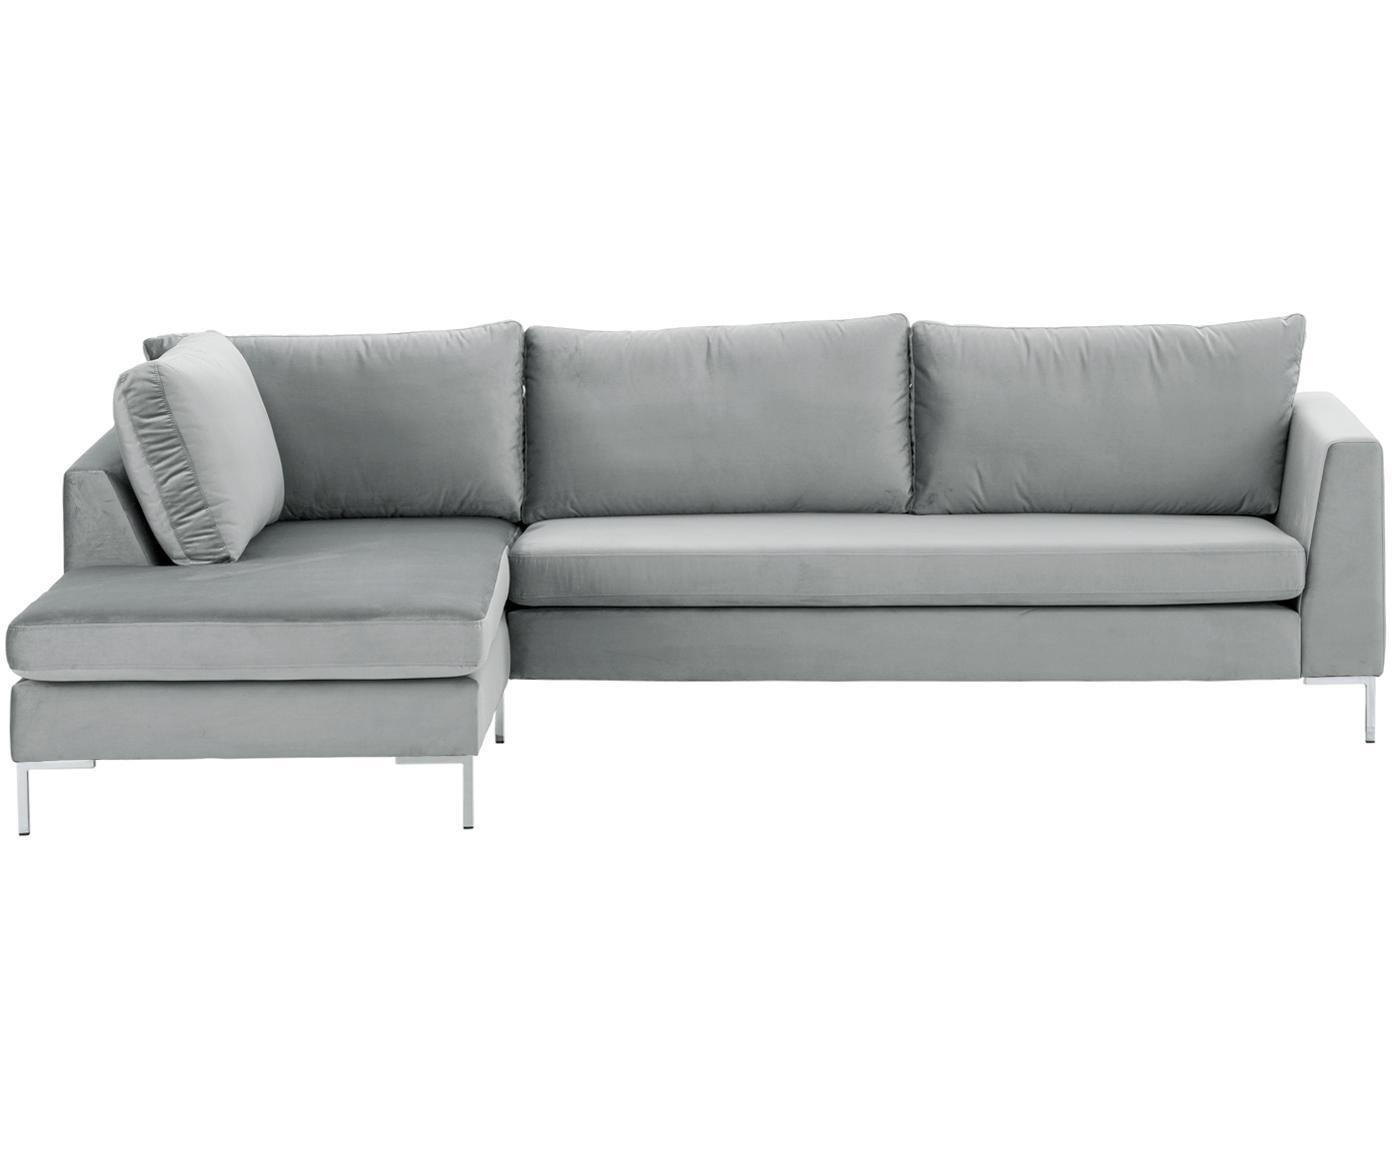 Sofa narożna z aksamitu Luna, Tapicerka: aksamit (100% poliester) , Stelaż: lite drewno bukowe, Nogi: metal galwanizowany, Aksamit jasny szary, srebrny, S 280 x G 184 cm